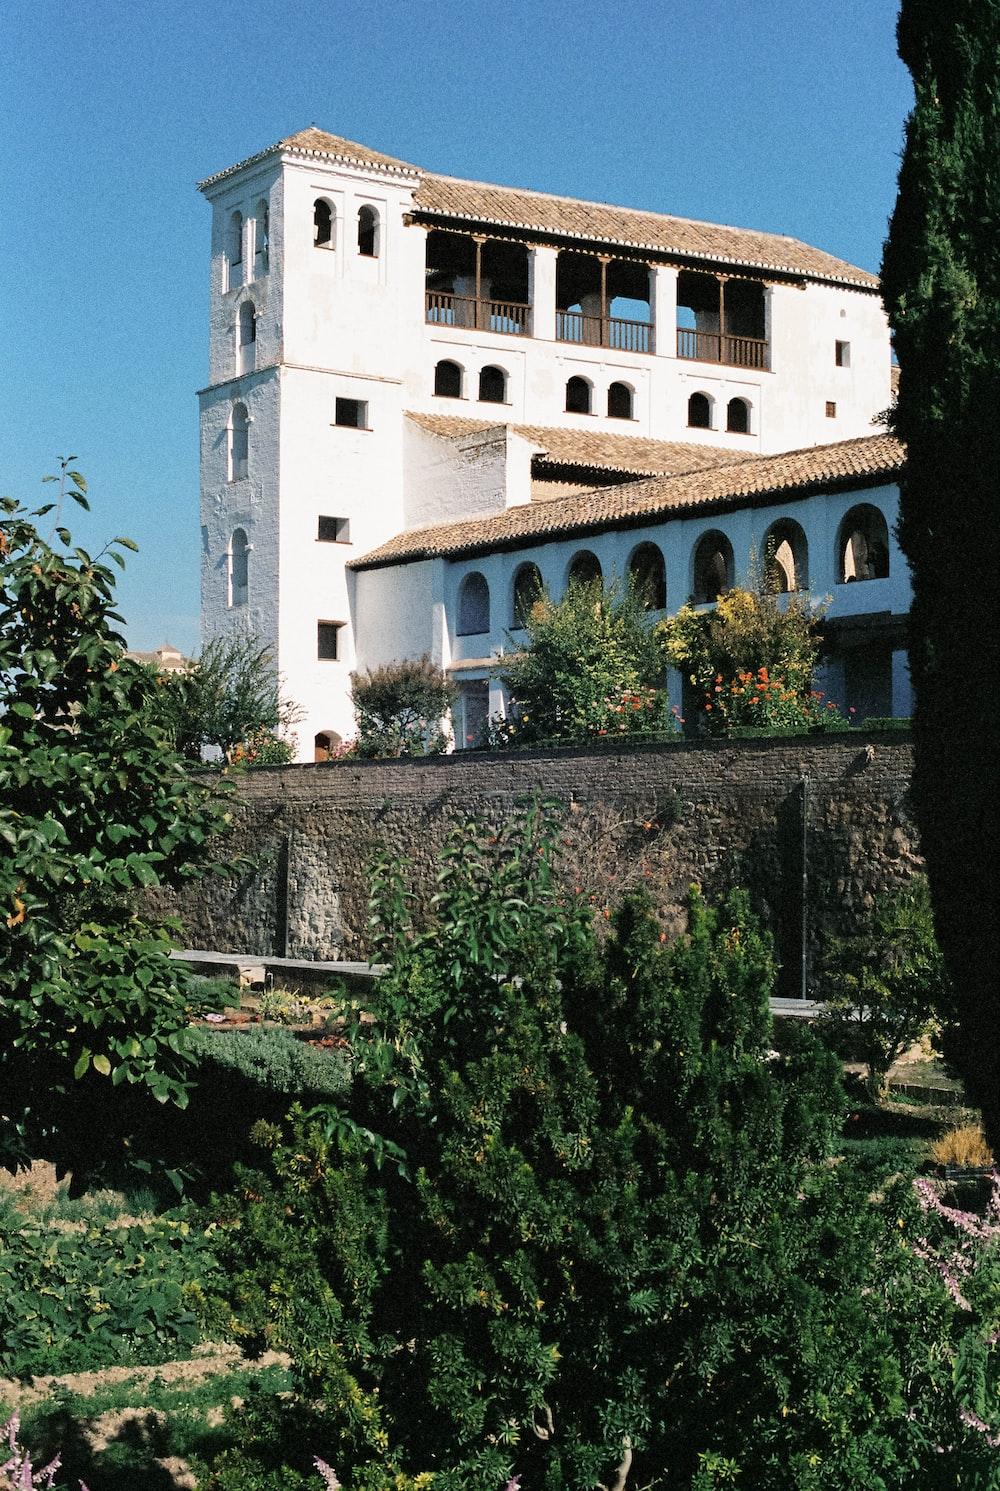 Edificio de hormigón blanco cerca de árboles verdes durante el día